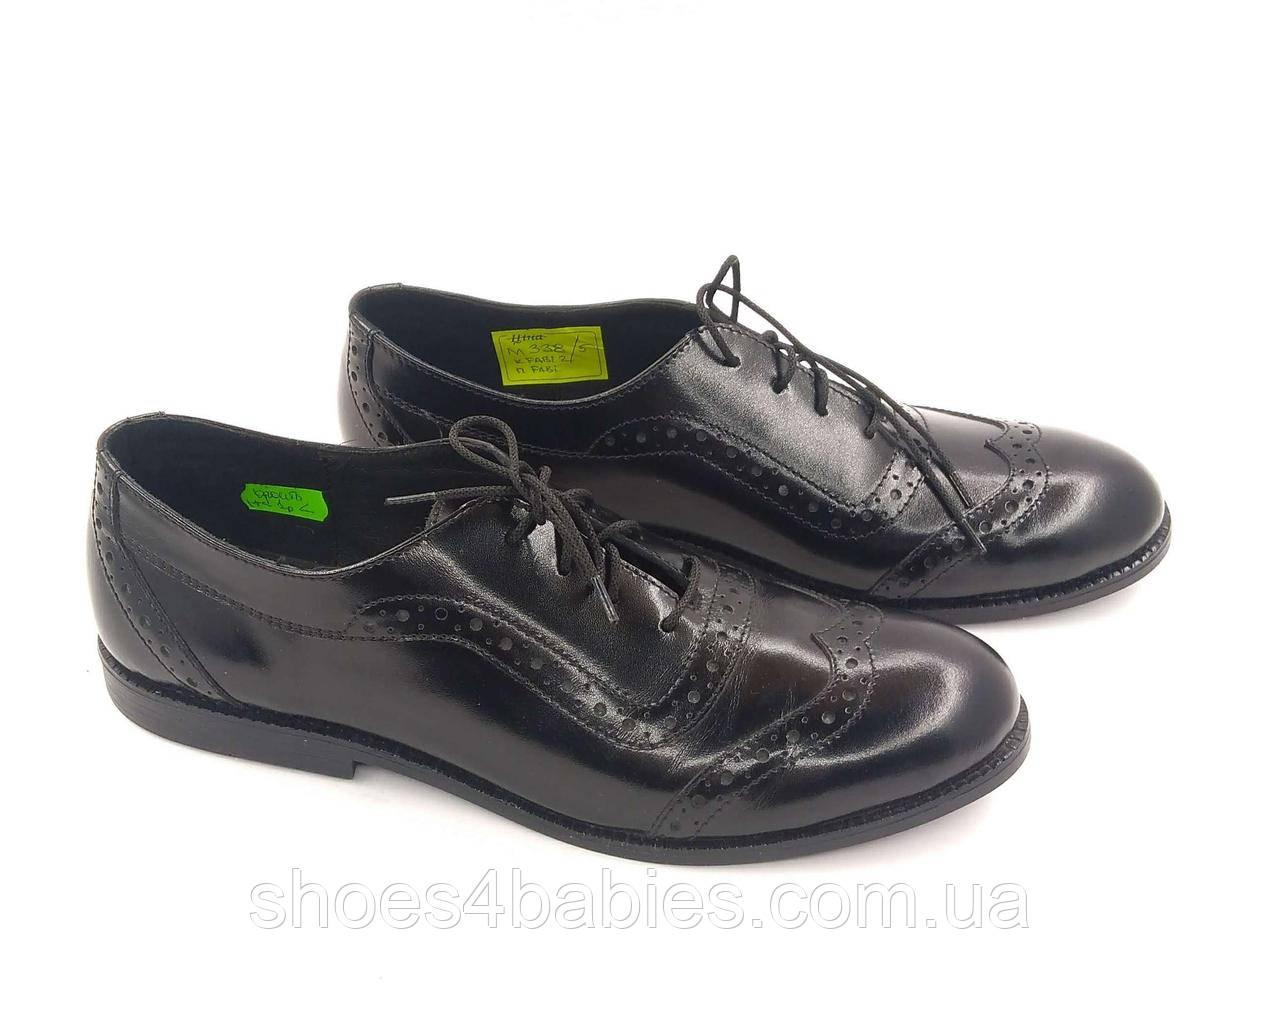 Туфли кожаные FS collection р. 39 - 25.5 см модель 338